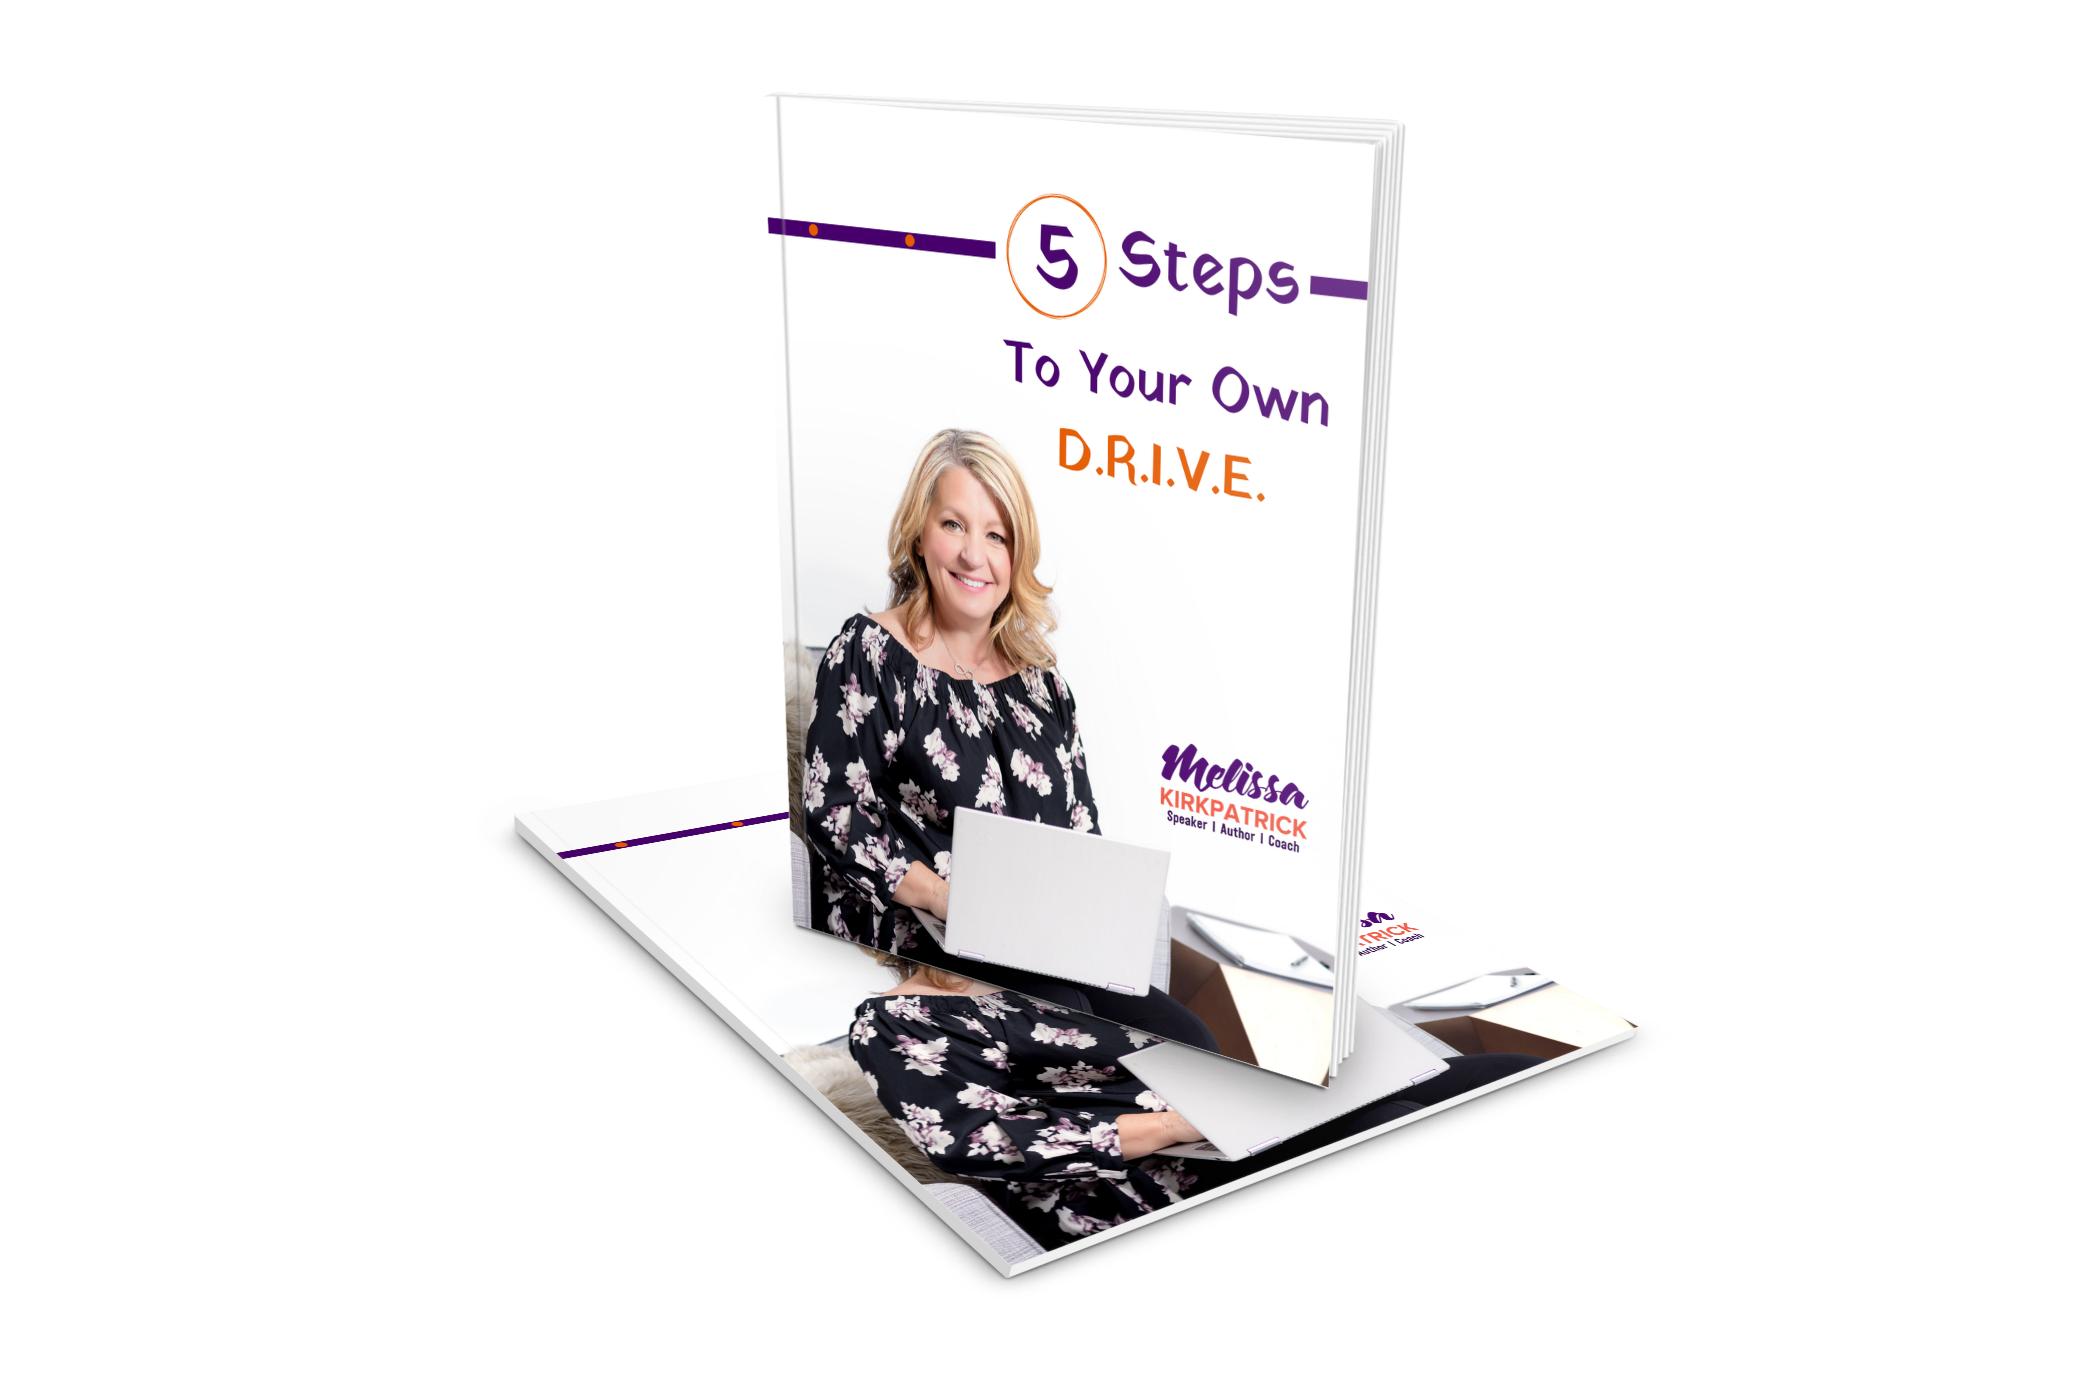 5 steps mockup